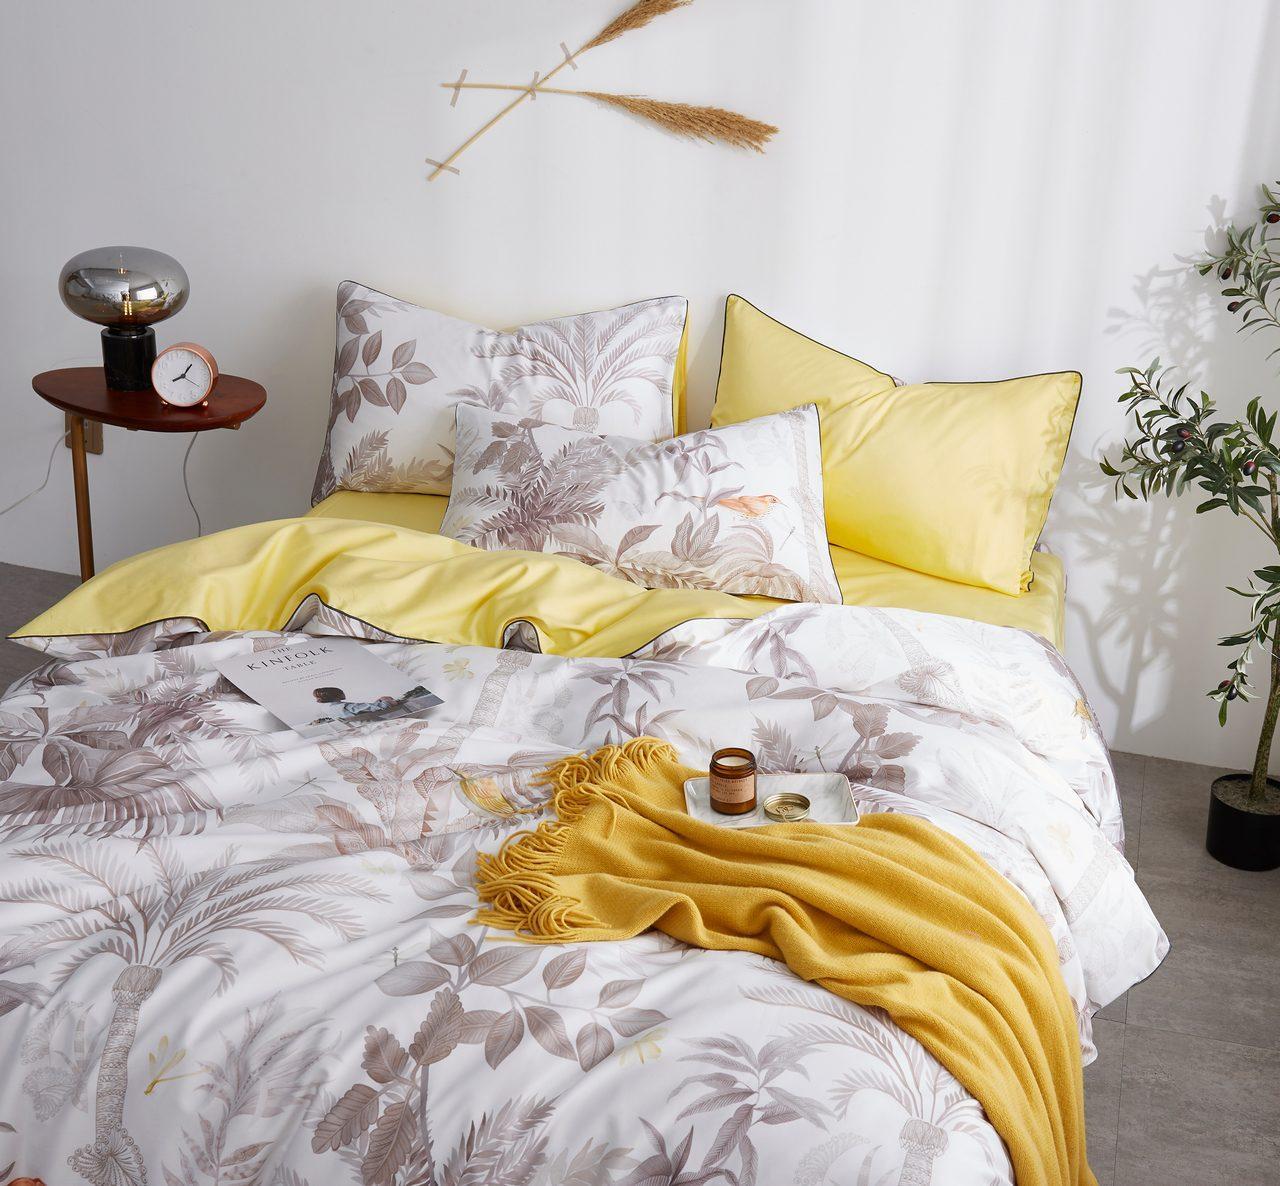 Комплект постельного белья Сатин Премиум - фото 7